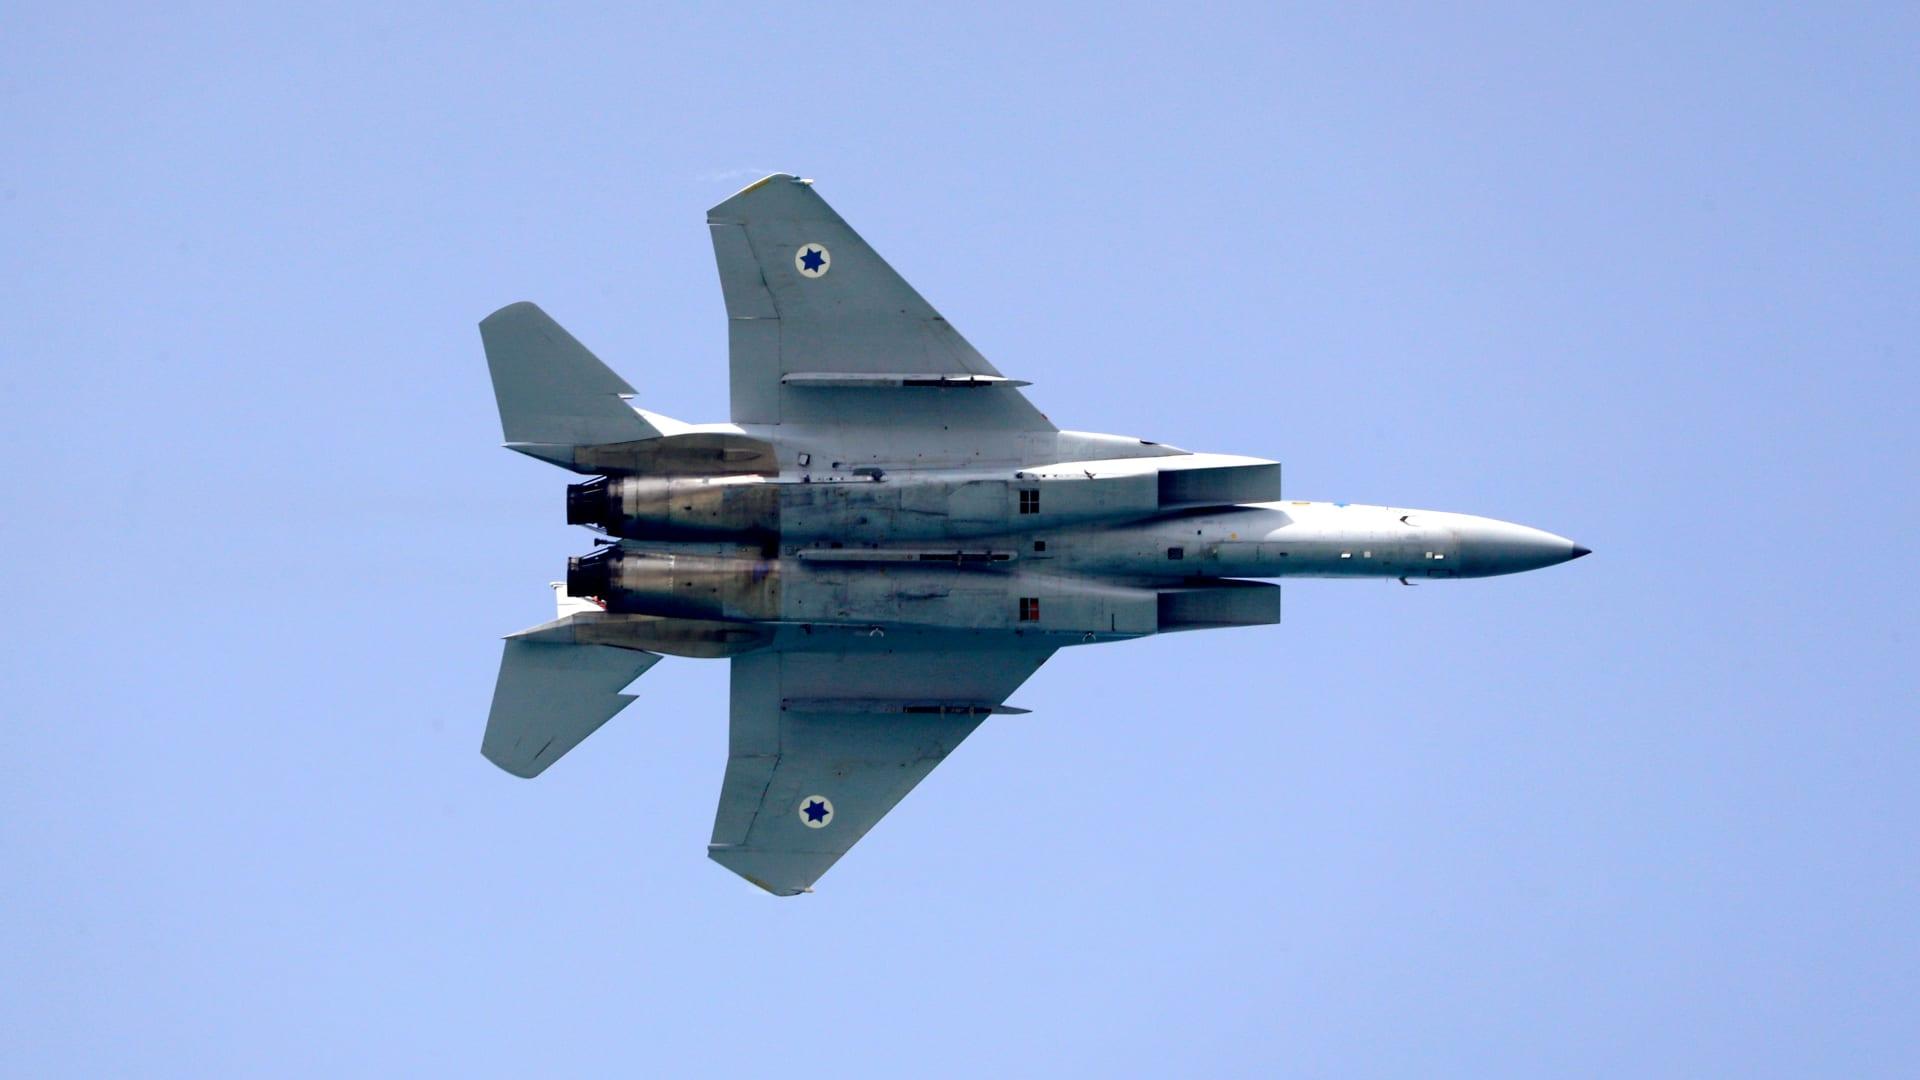 مجددا.. إجلاء نتنياهو من على منصة بعد إطلاق صاروخ من غزة